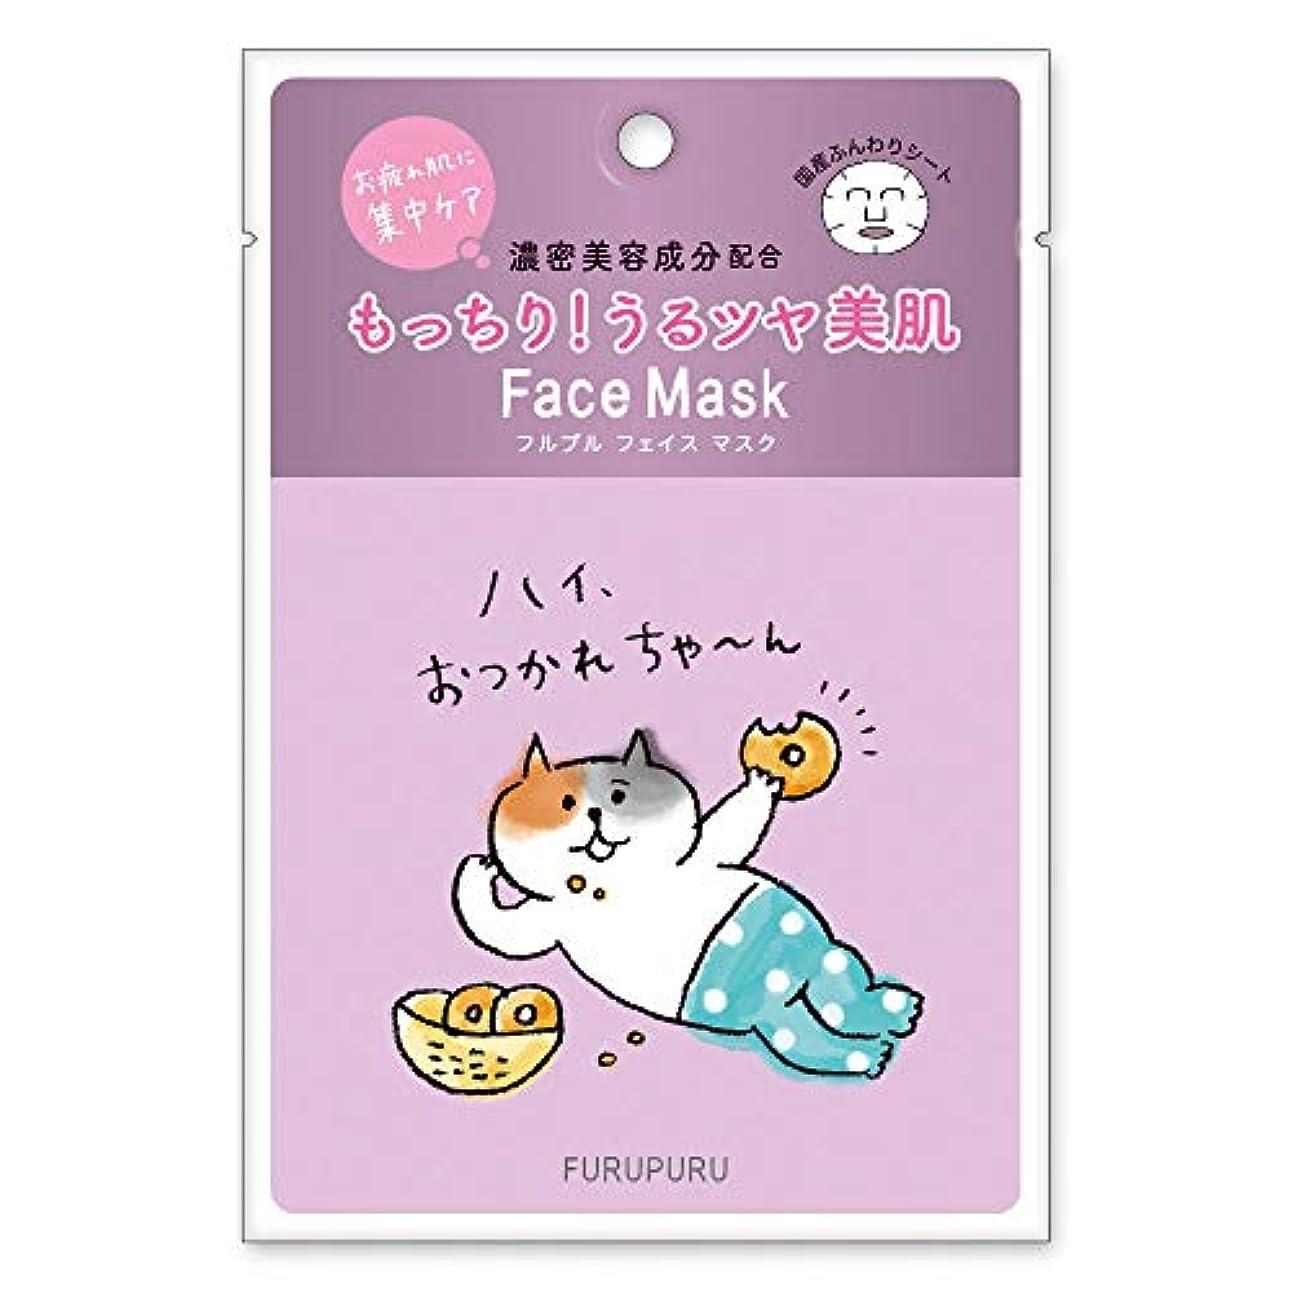 自発帰する雄大なフルプルクリーム フルプルフェイスマスク ごろごろにゃんすけ おつかれちゃん やさしく香る天然ローズの香り 30g